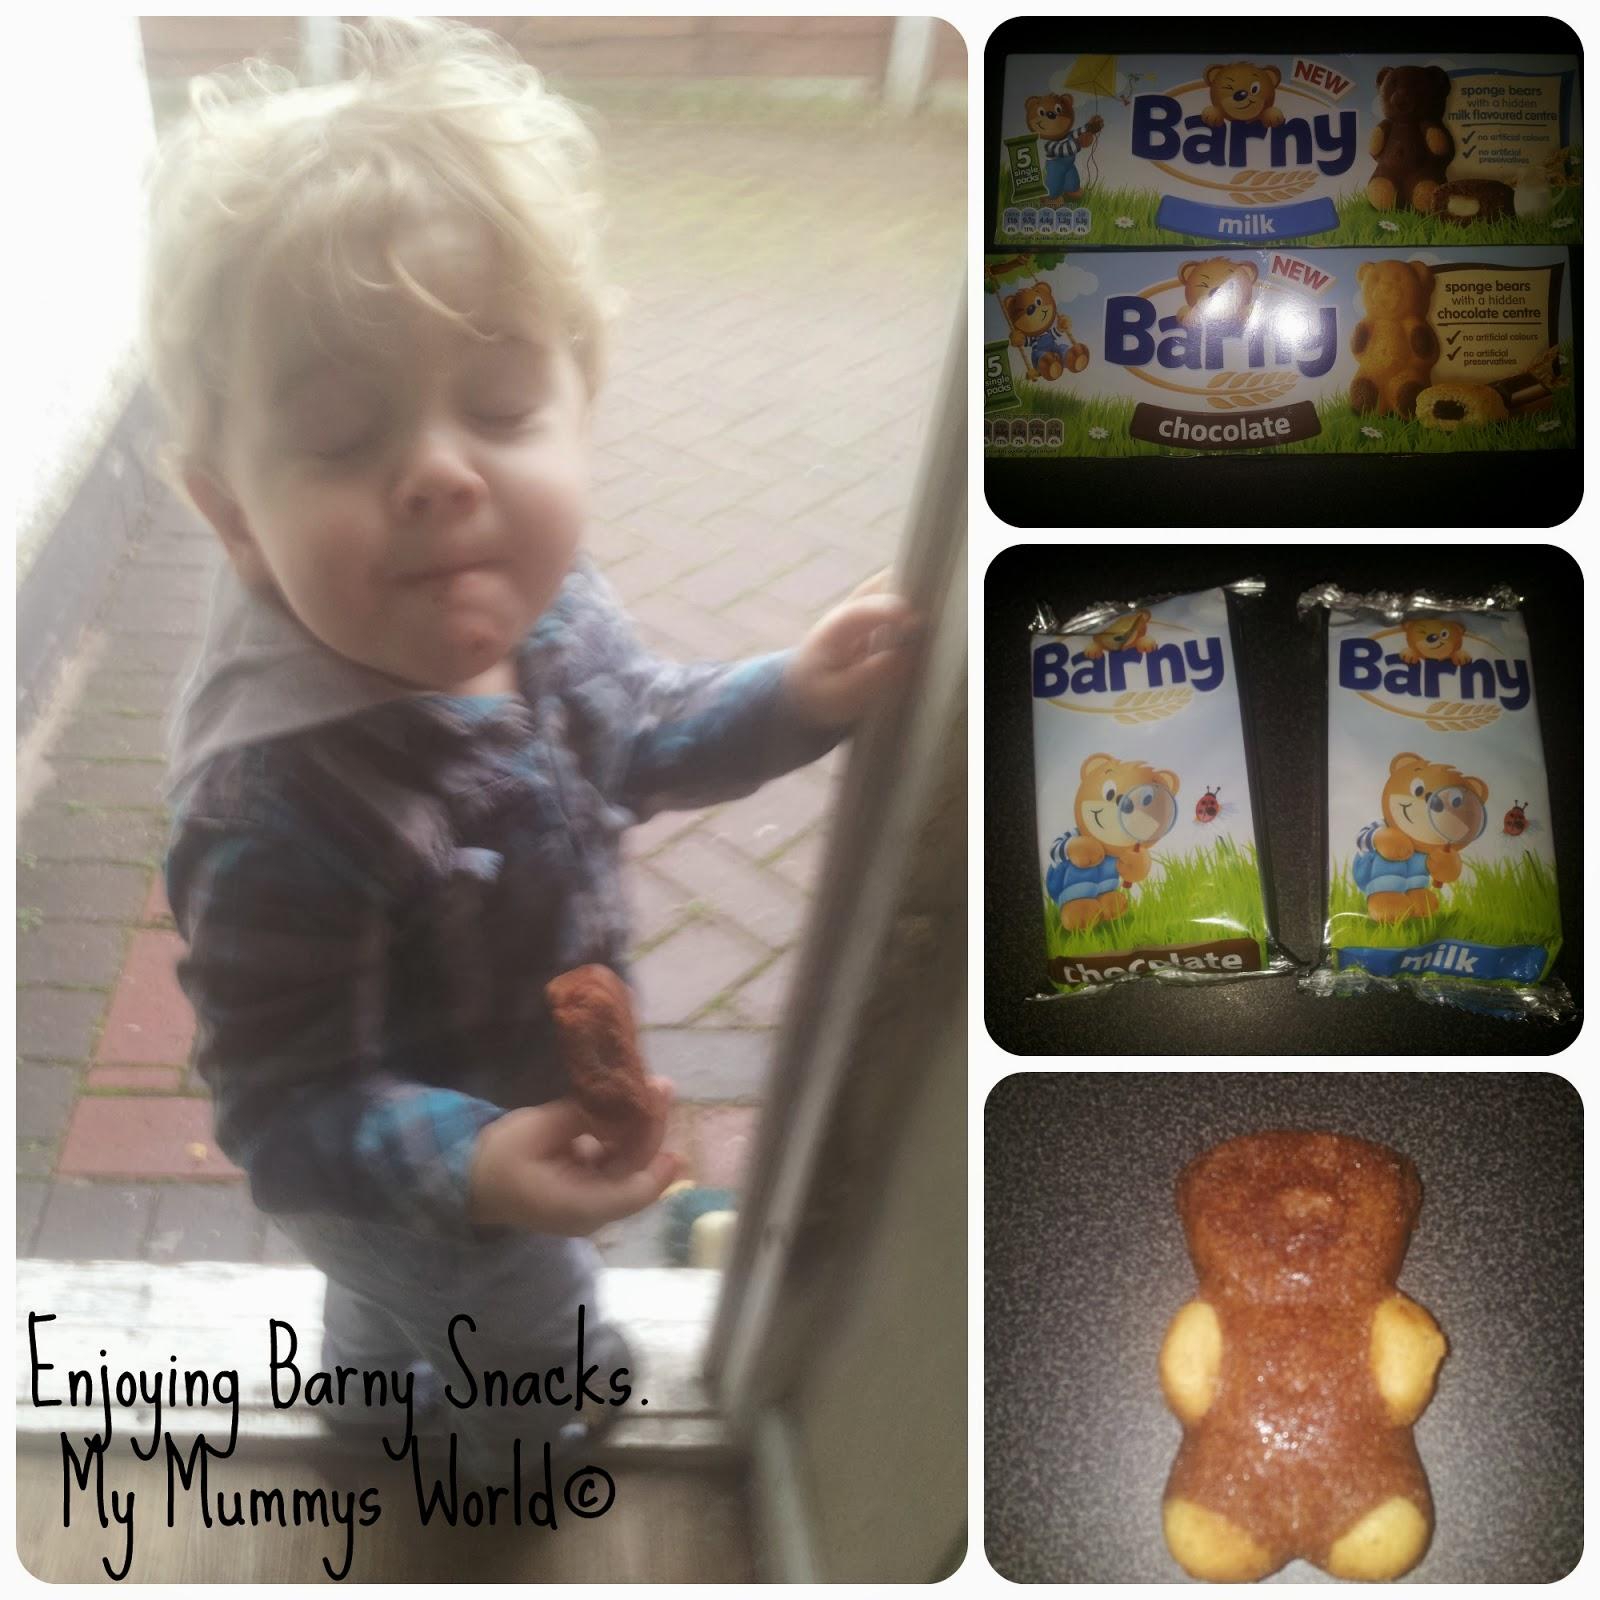 Enjoying Barny Snacks My Mummys World©